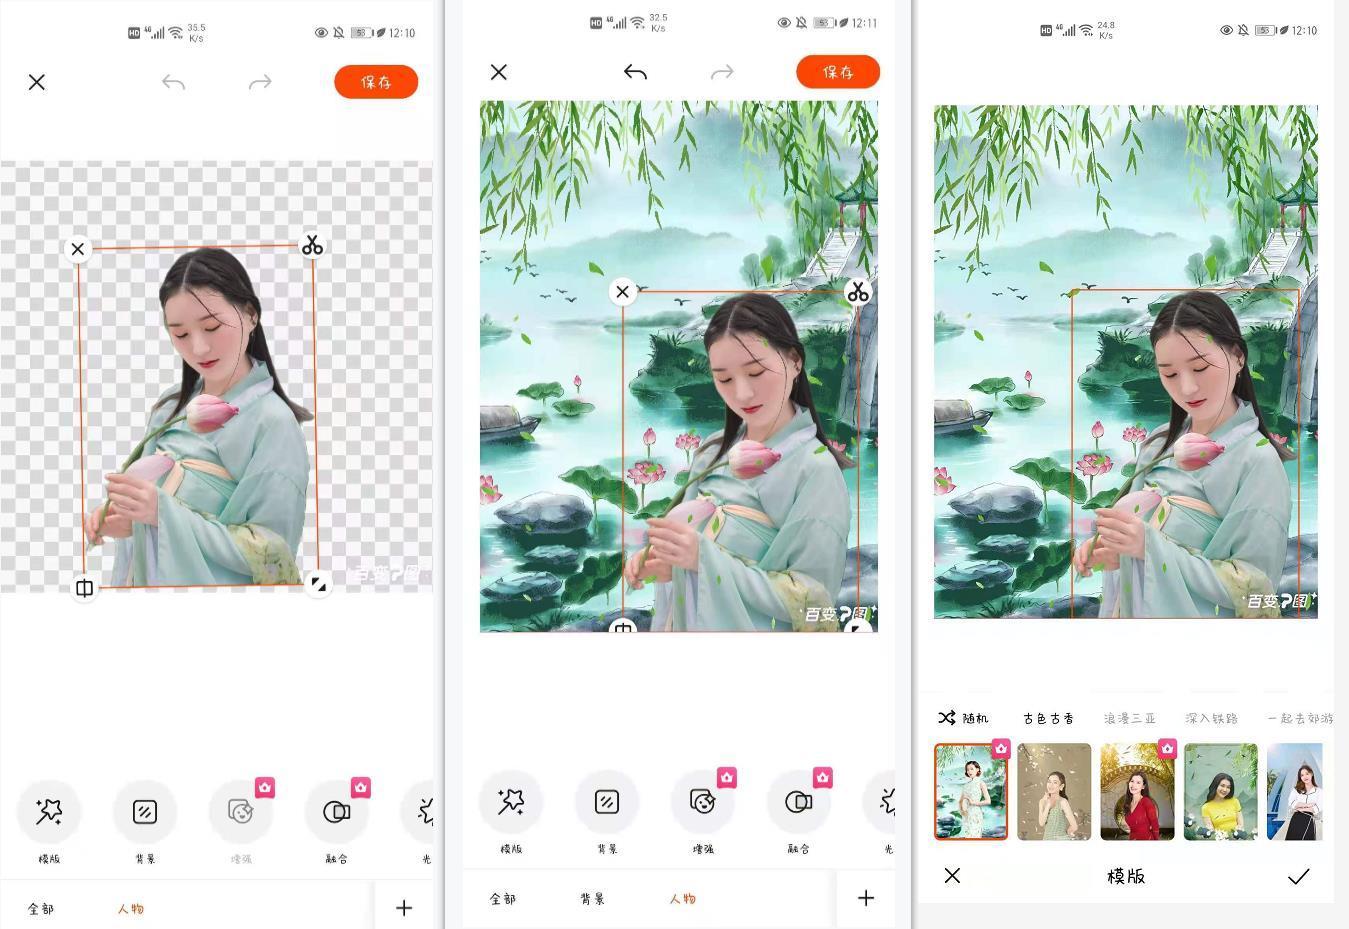 手机照片怎么换背景啊?百变P图一键抠图方法简单